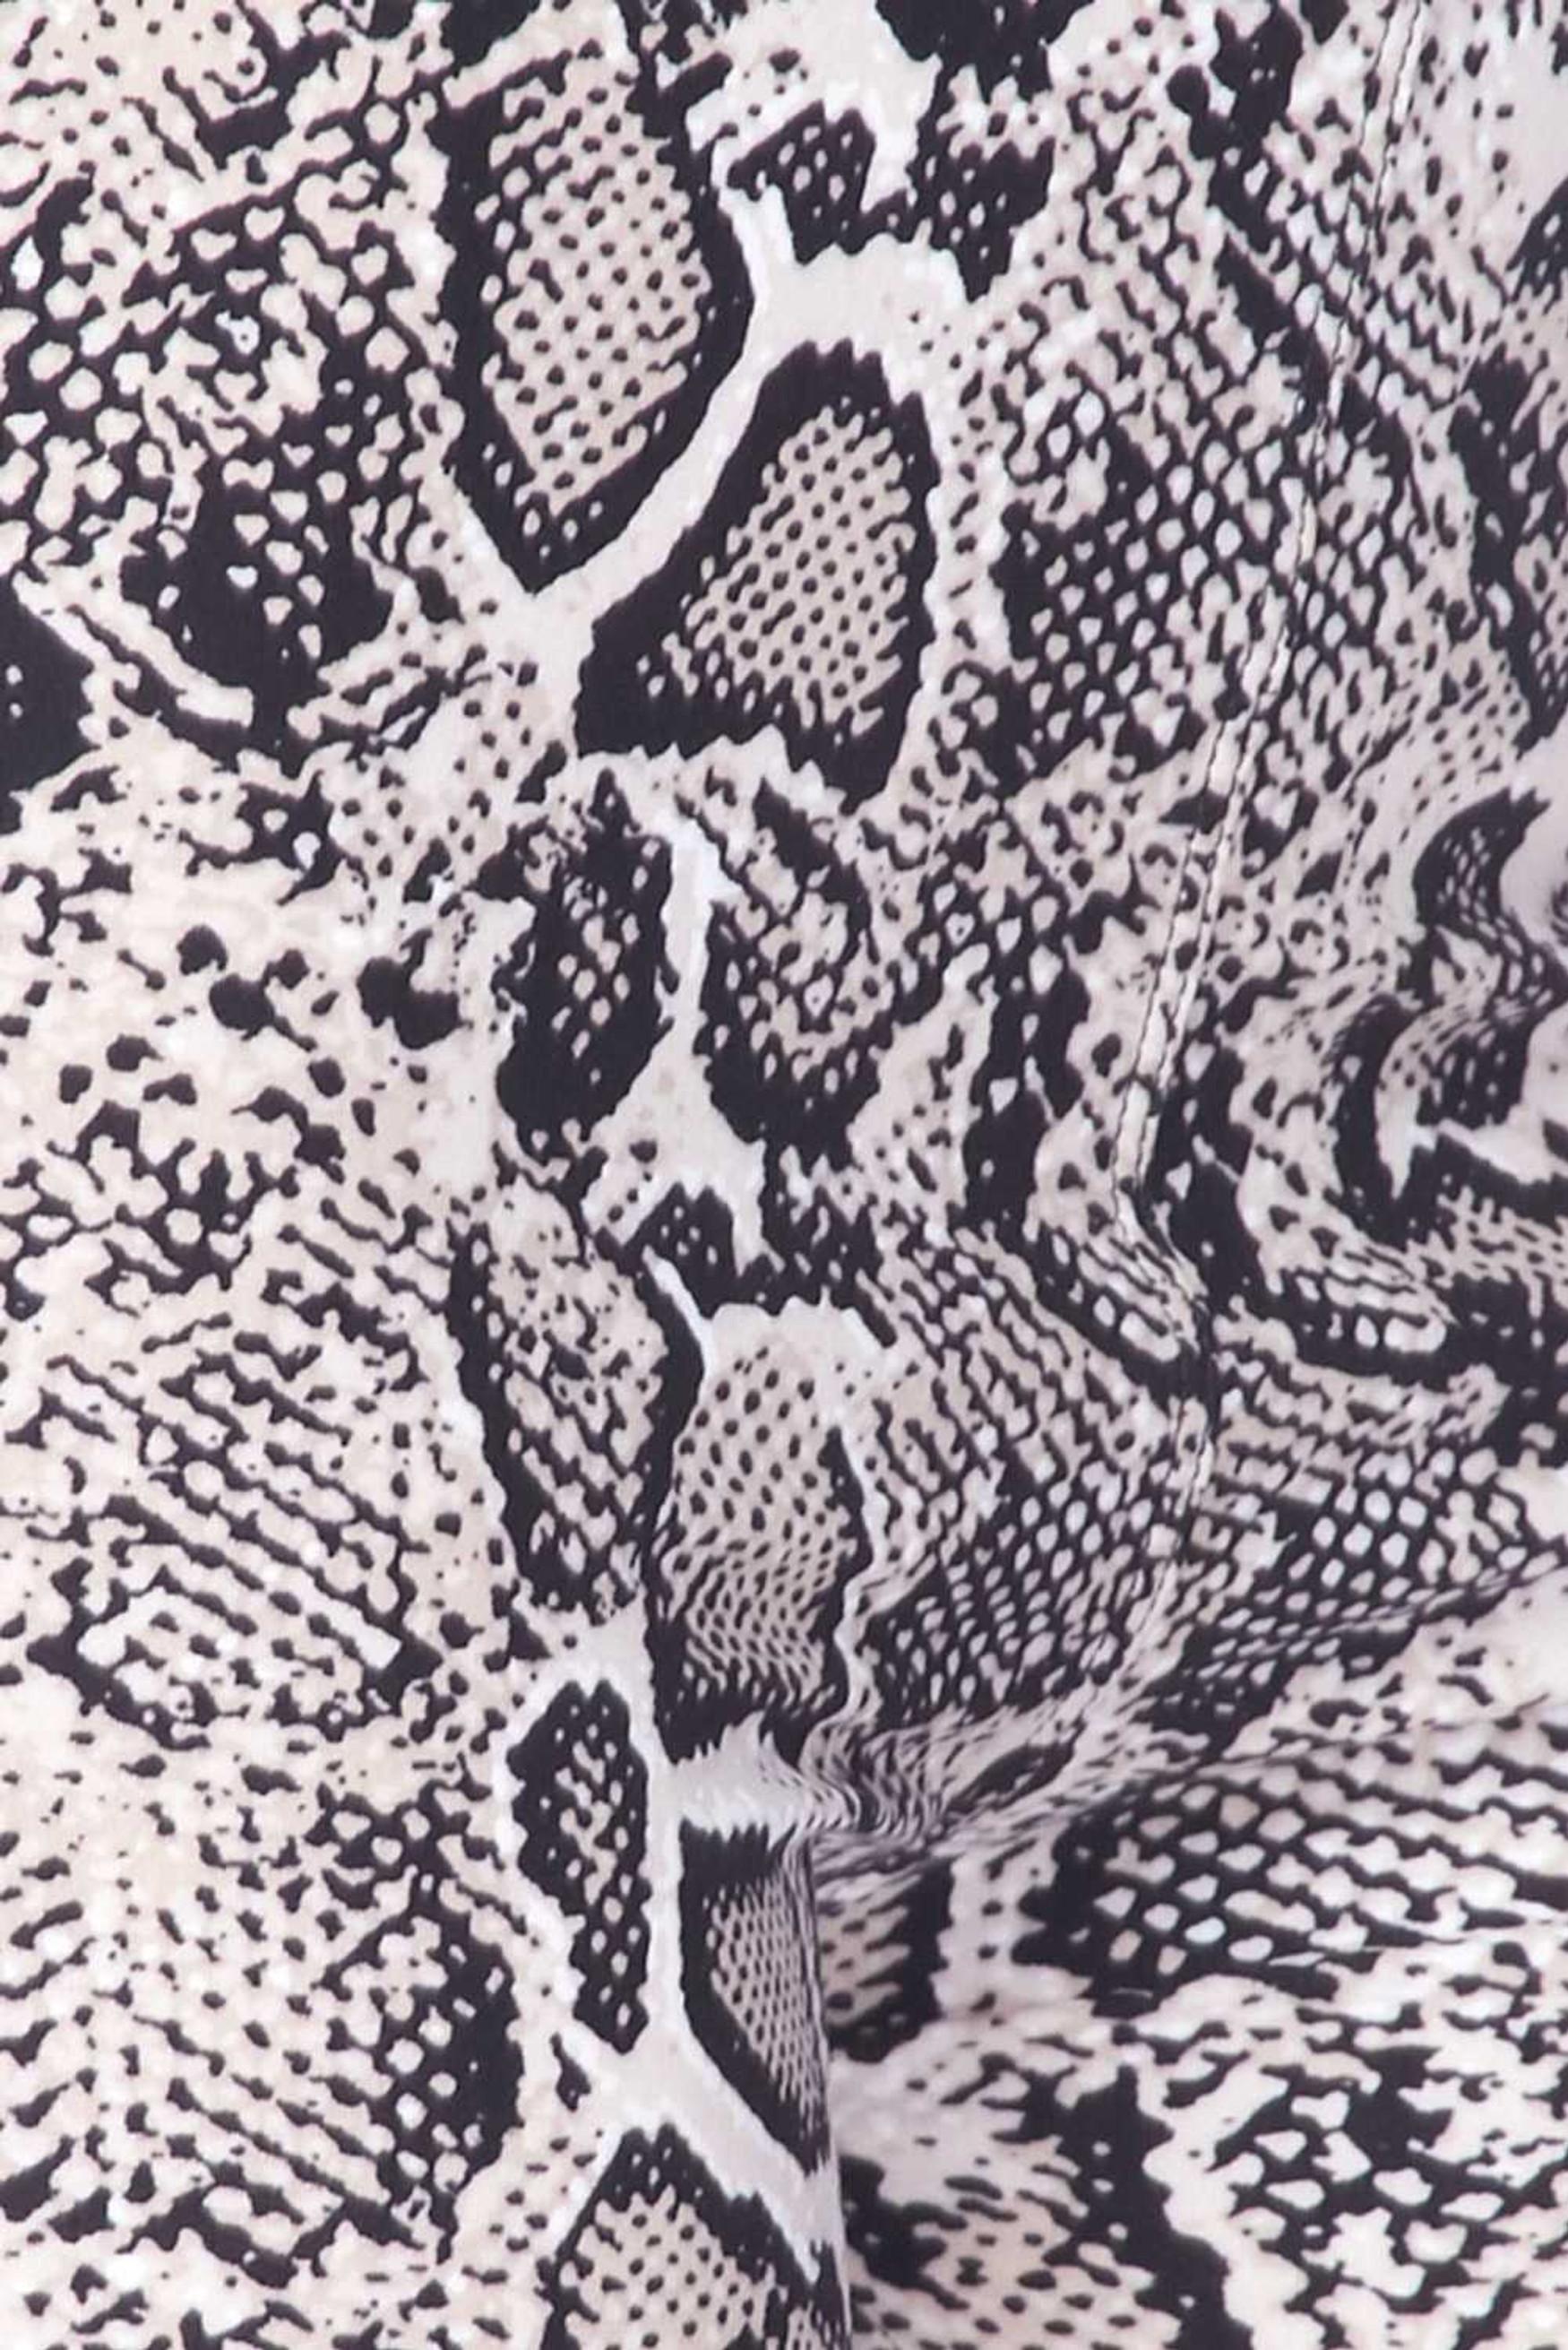 Brushed  Beige Boa Snakeskin Extra Plus Size Leggings - 3X-5X